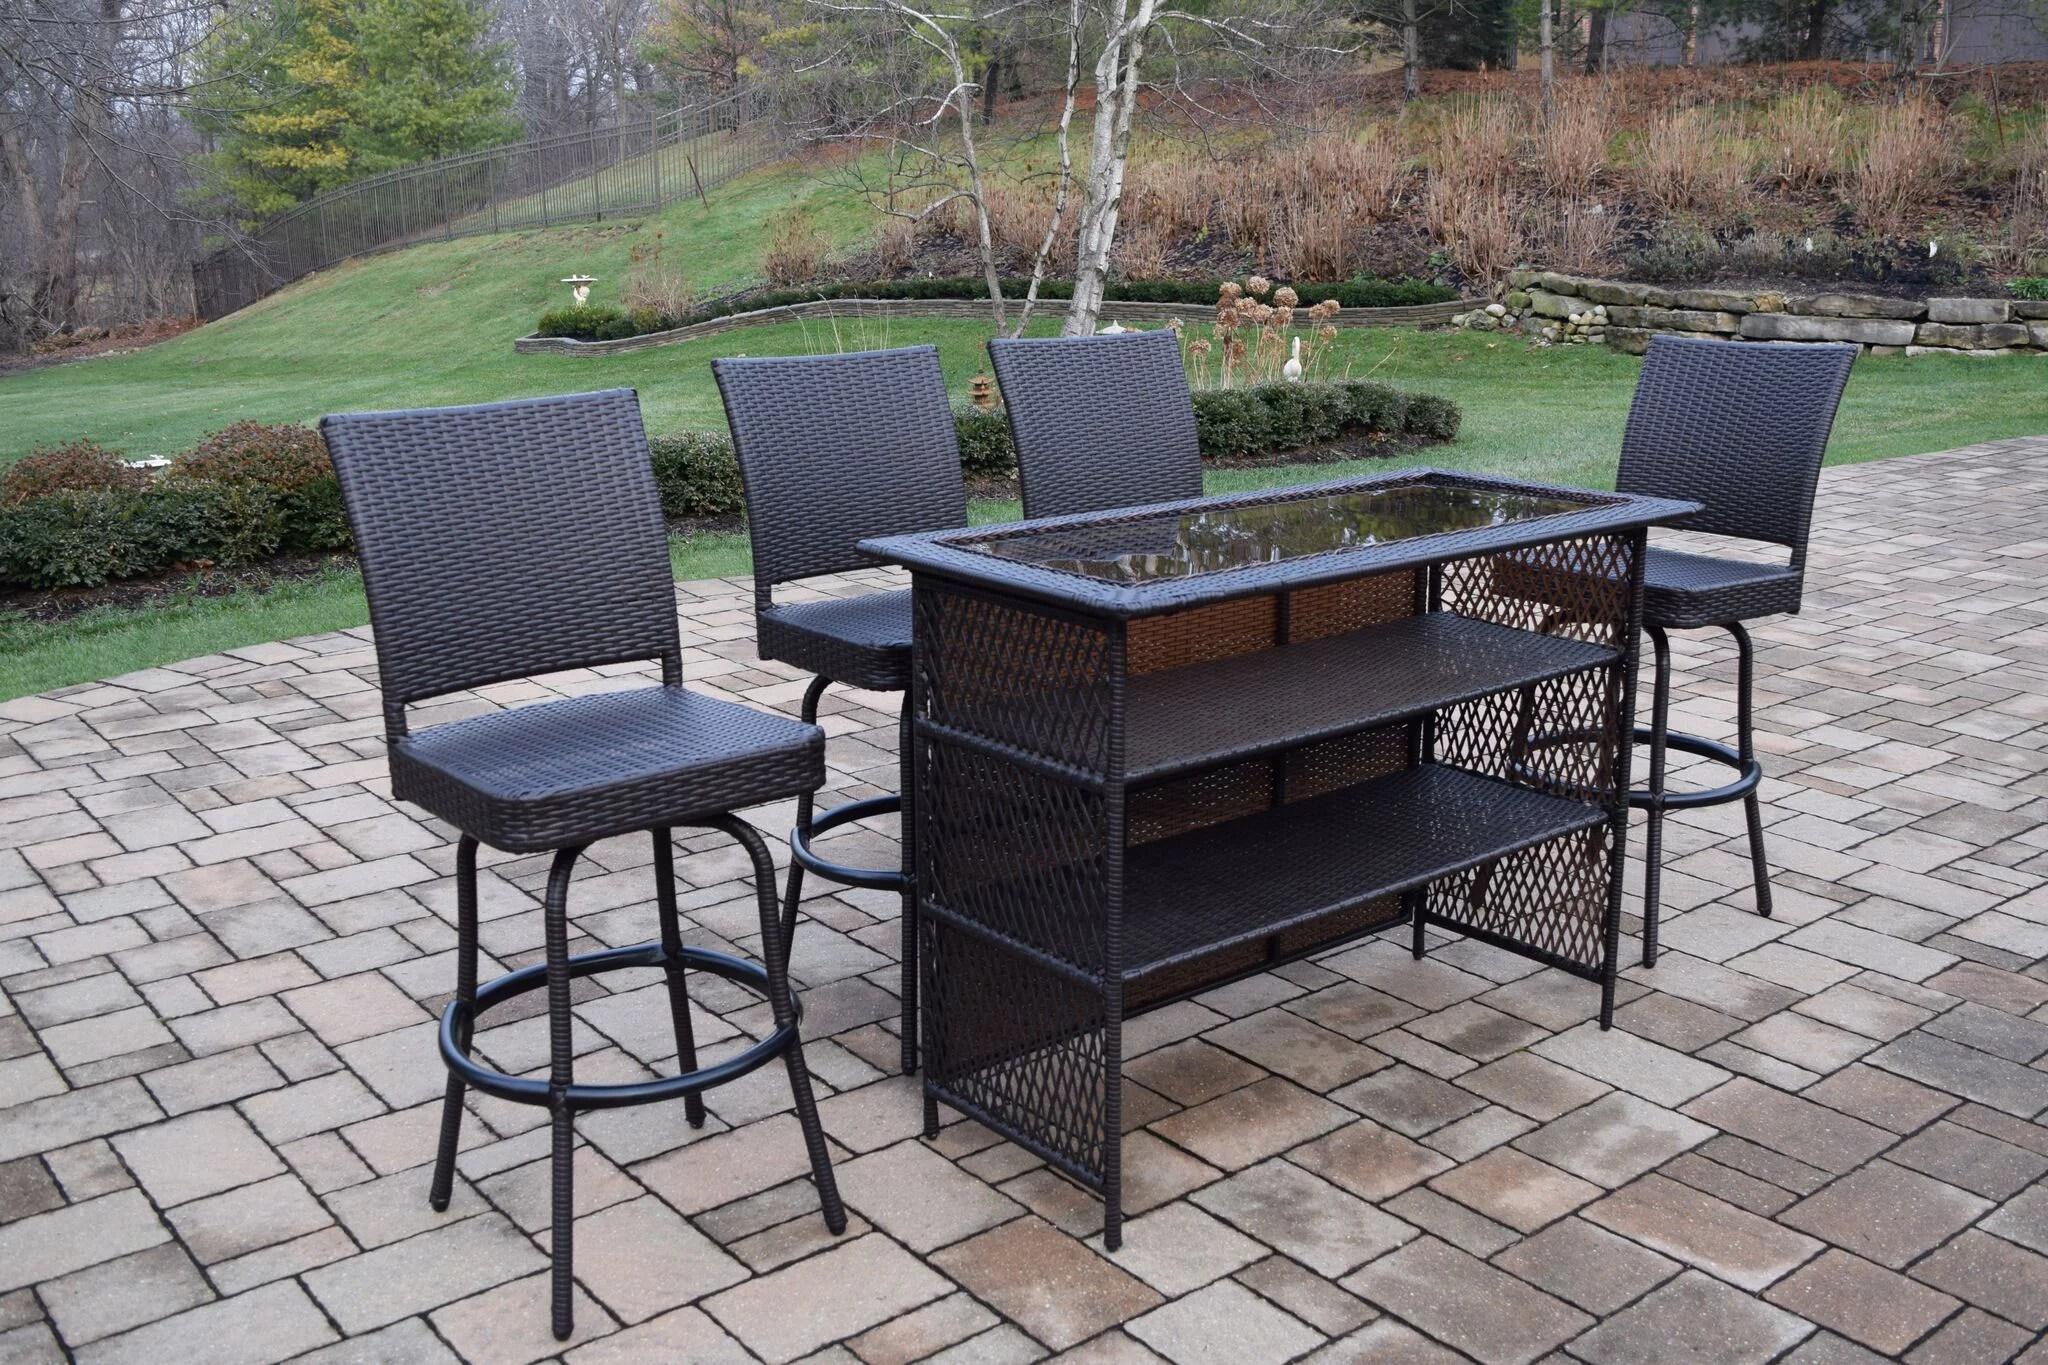 5 piece black resin wicker outdoor patio bar set